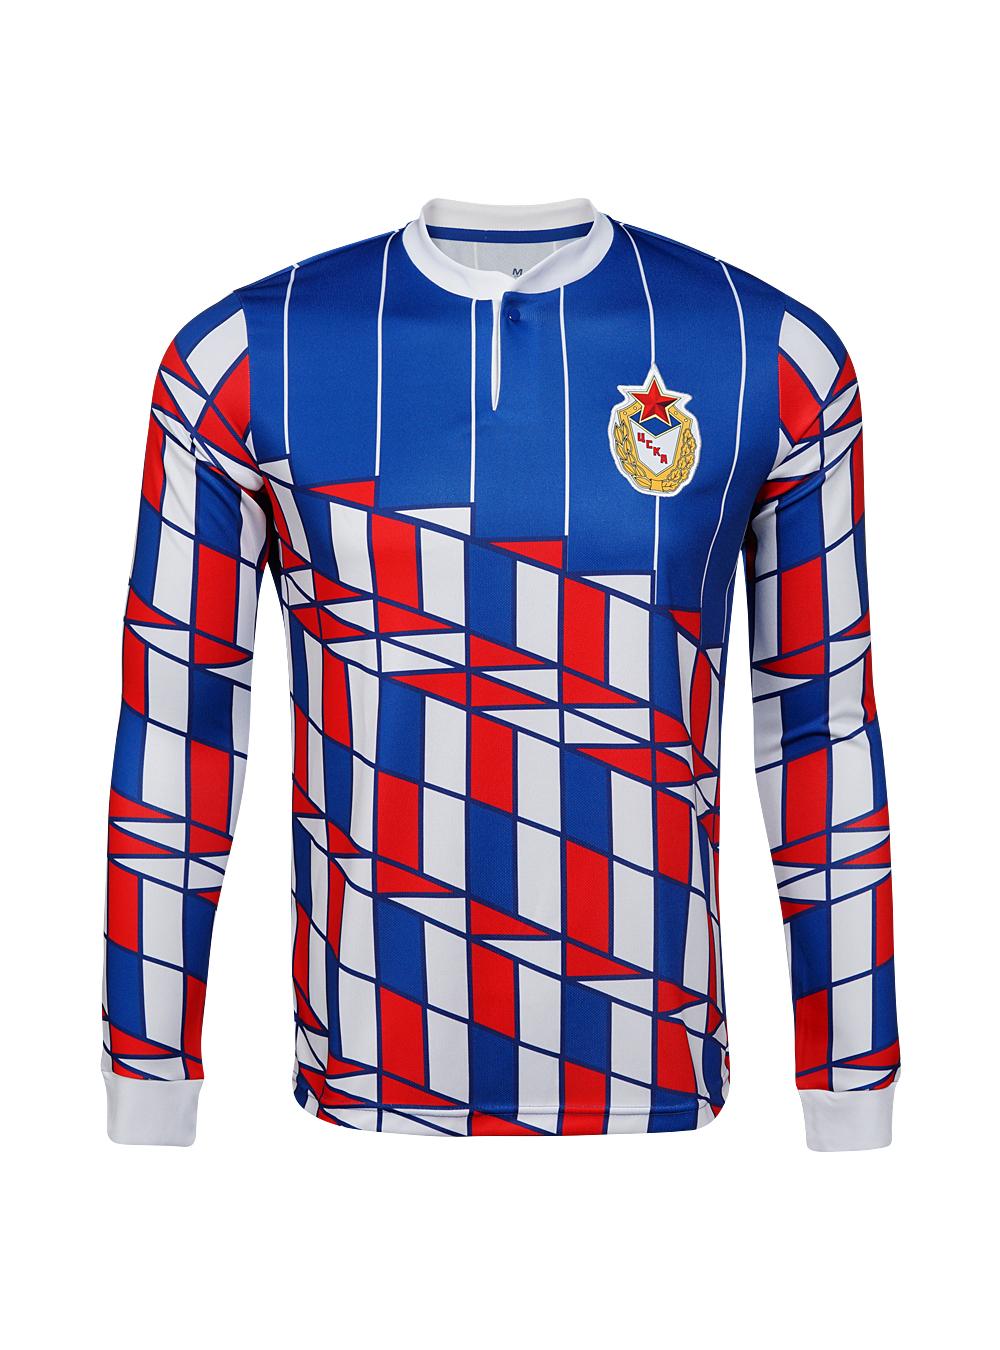 Купить Футболка игровая  с длинным рукавом CHAMPIONSHIP RETRO 1991 (XL) по Нижнему Новгороду